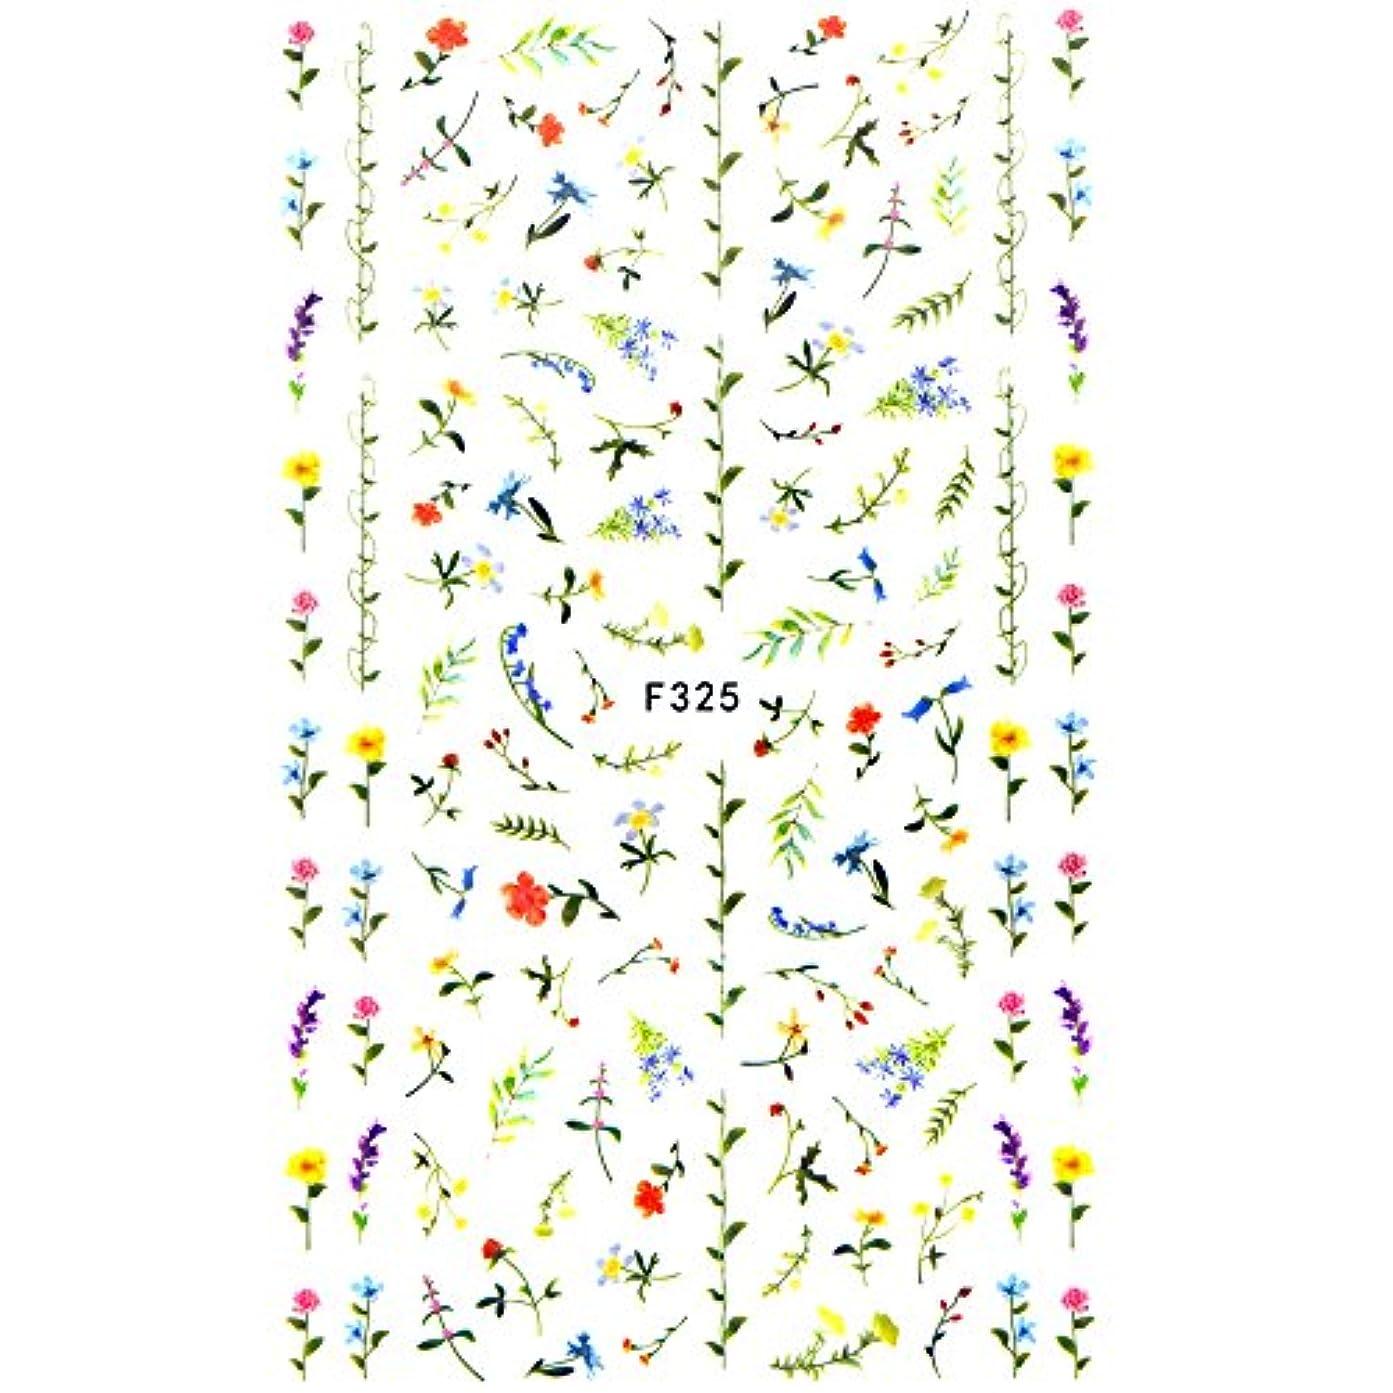 お世話になったボイコット出発【F325】 一輪花シール 花 フラワー ボタニカル 一輪花 花 花束 花畑 ネイルシール